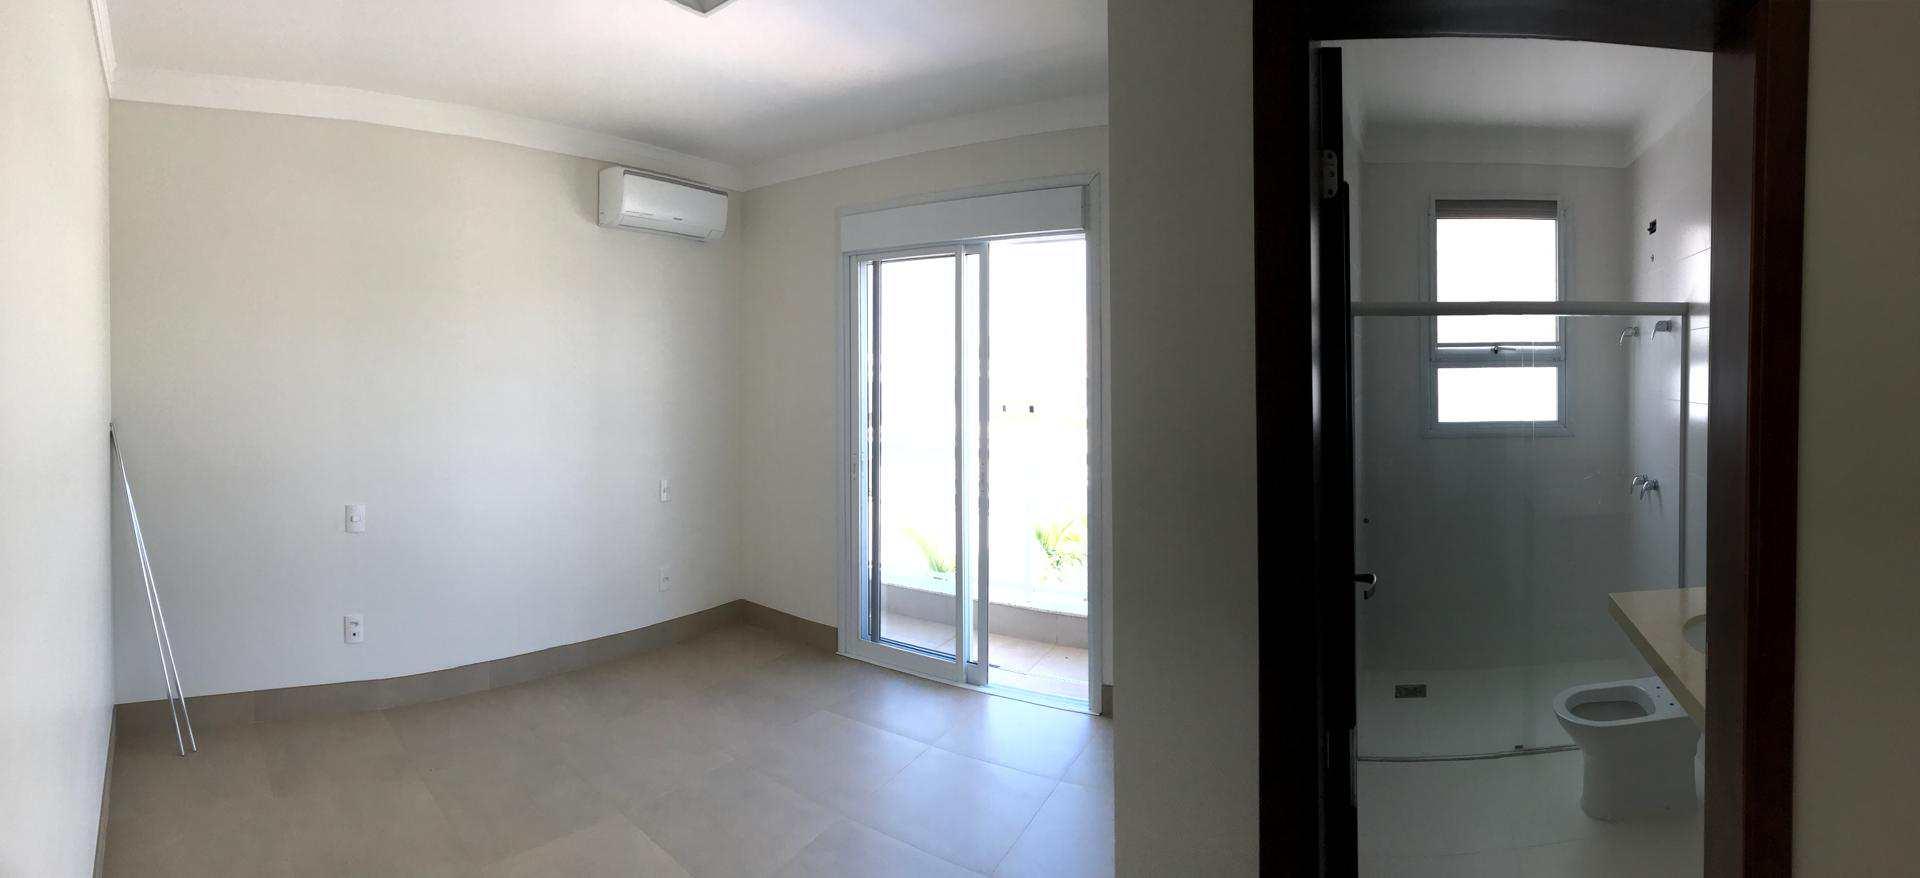 Casa de Condomínio com 4 dorms, Condomínio Guaporé, Ribeirão Preto - R$ 2.5 mi, Cod: 1722036